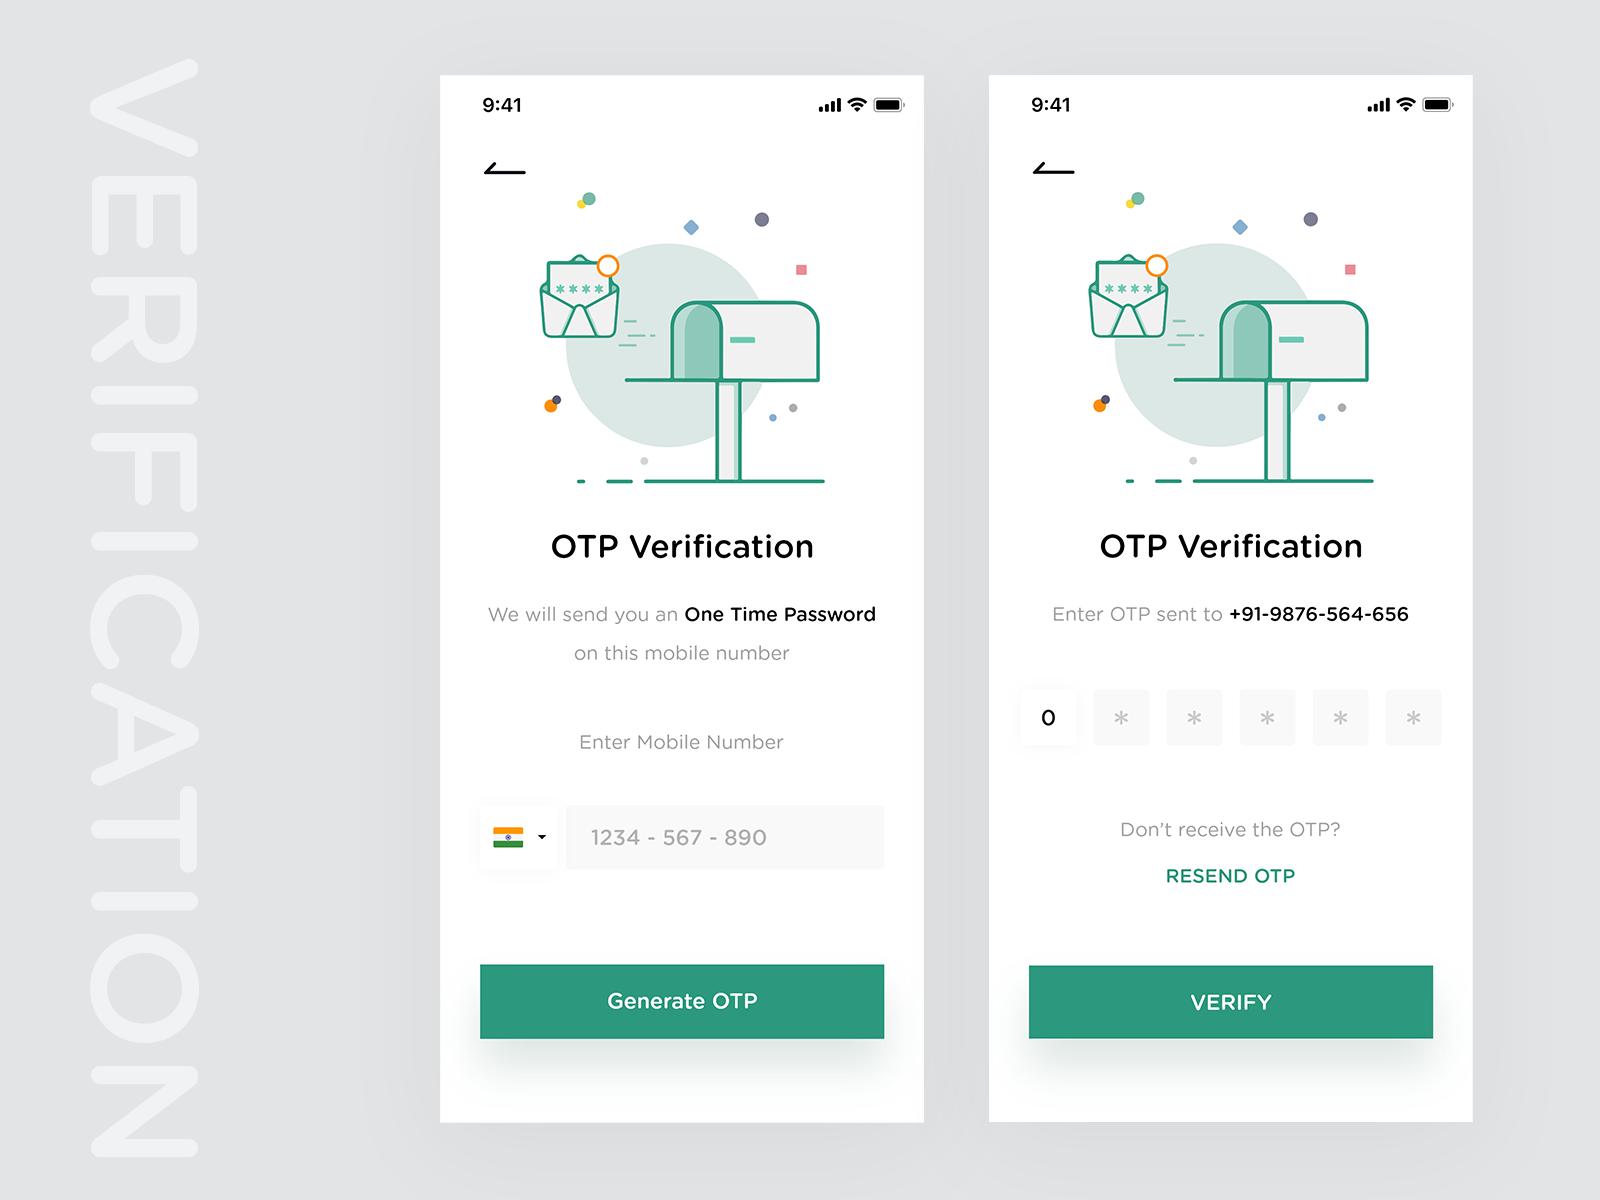 手机app验证页面UI界面设计 .xd & .psd素材下载 界面-第1张